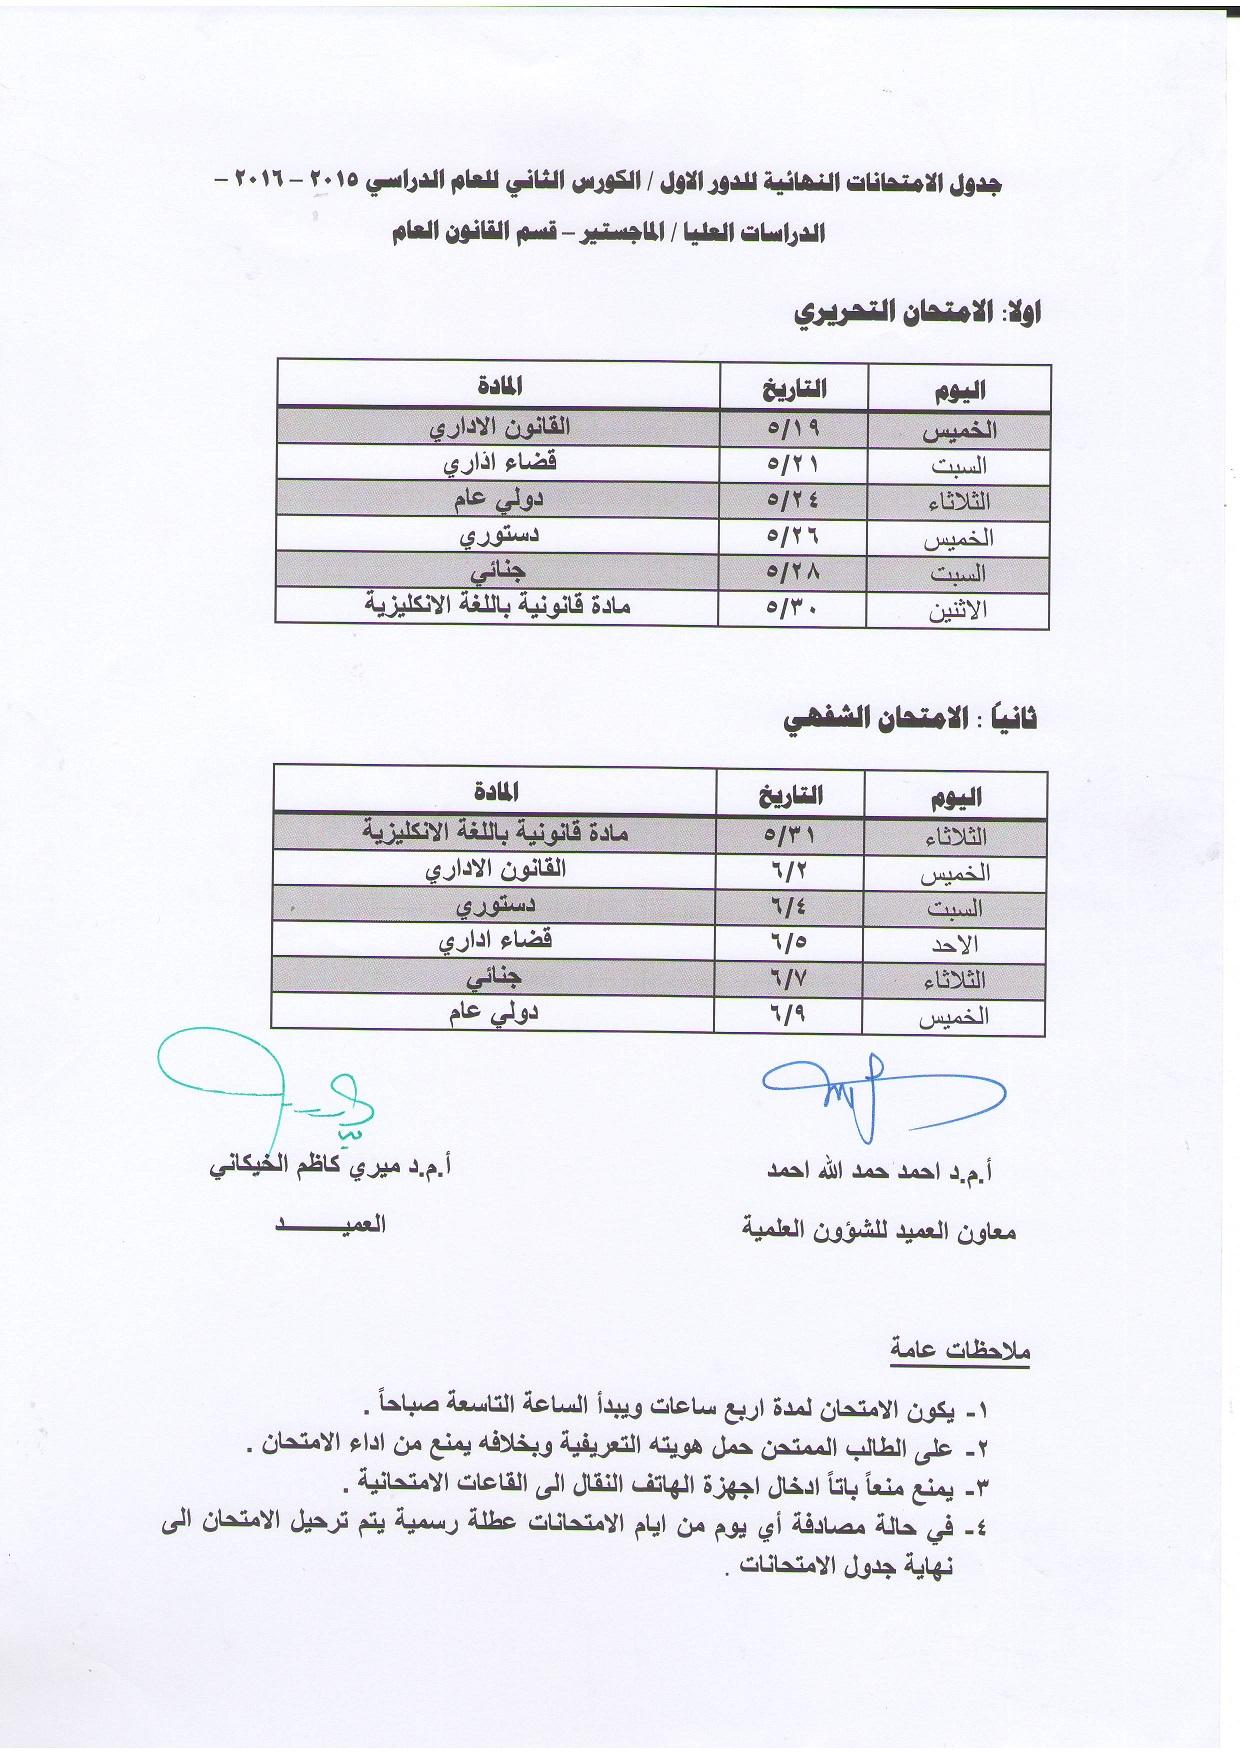 جدول الامتحانات النهائية للعام الدراسي 2015/2016 للدور الاول الكورس الثاني دراسات عليا عام